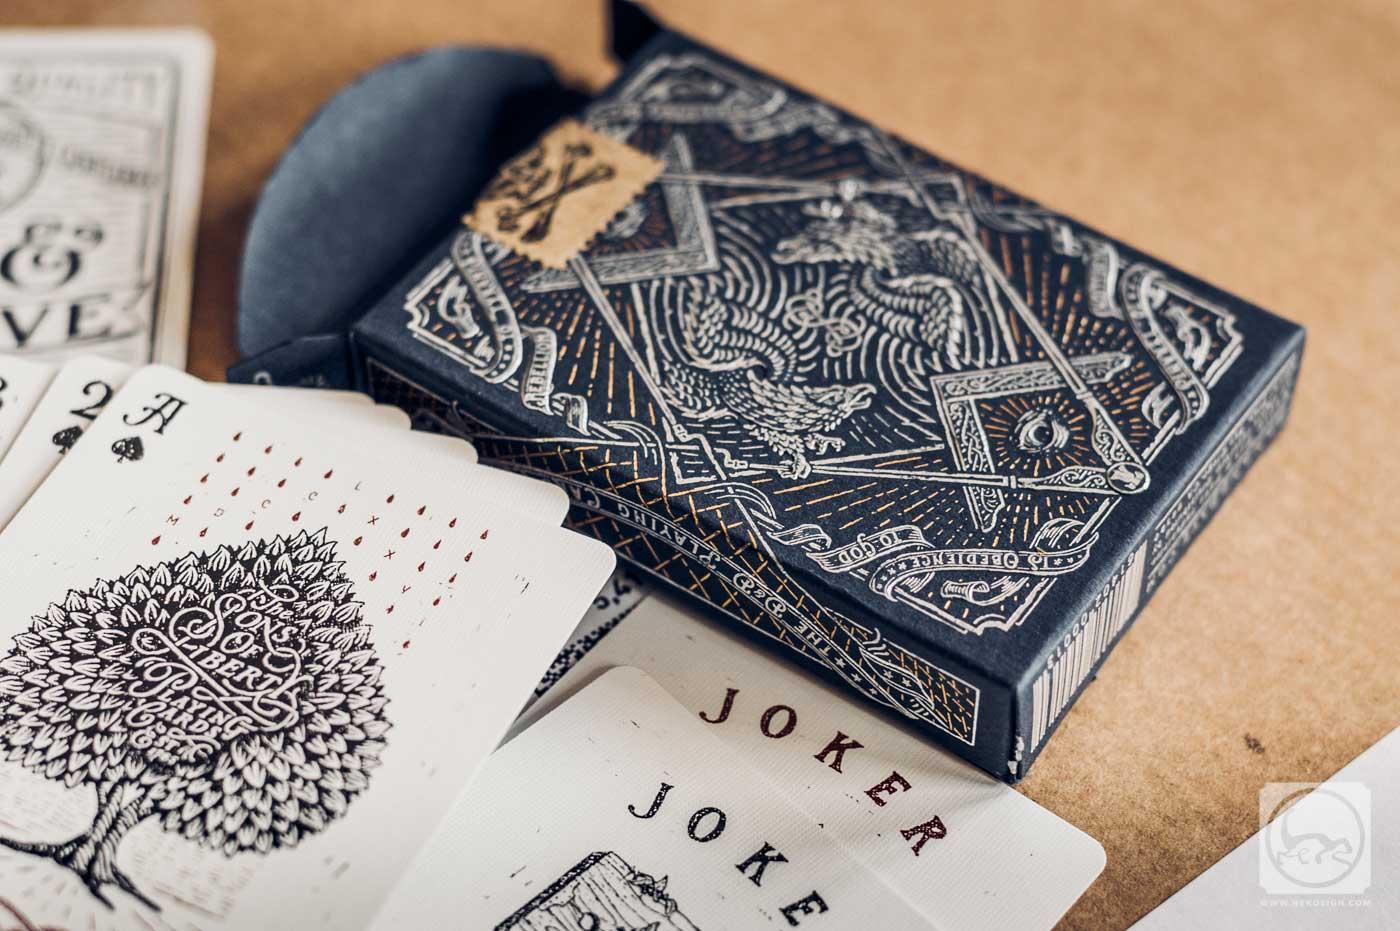 Jeu de cartes détails - Illustré par Jeff Trish